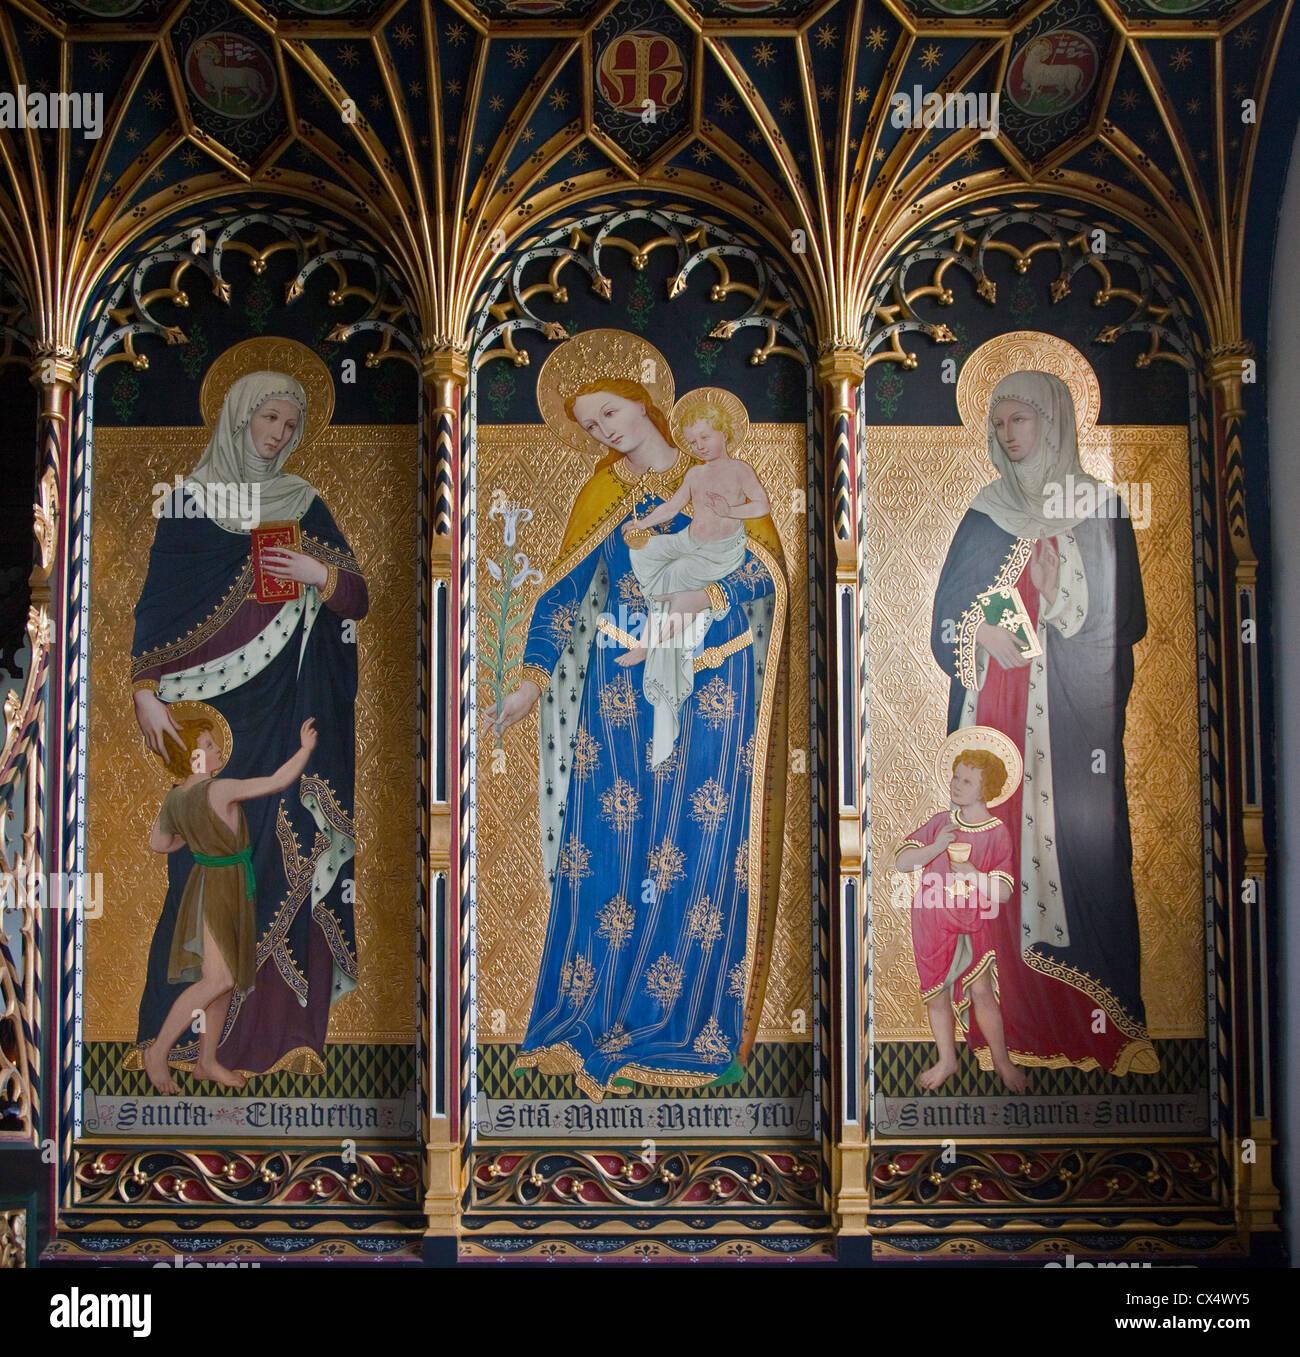 Portail Des Flandres Salome eglise notre dame saint jean baptiste photos & eglise notre